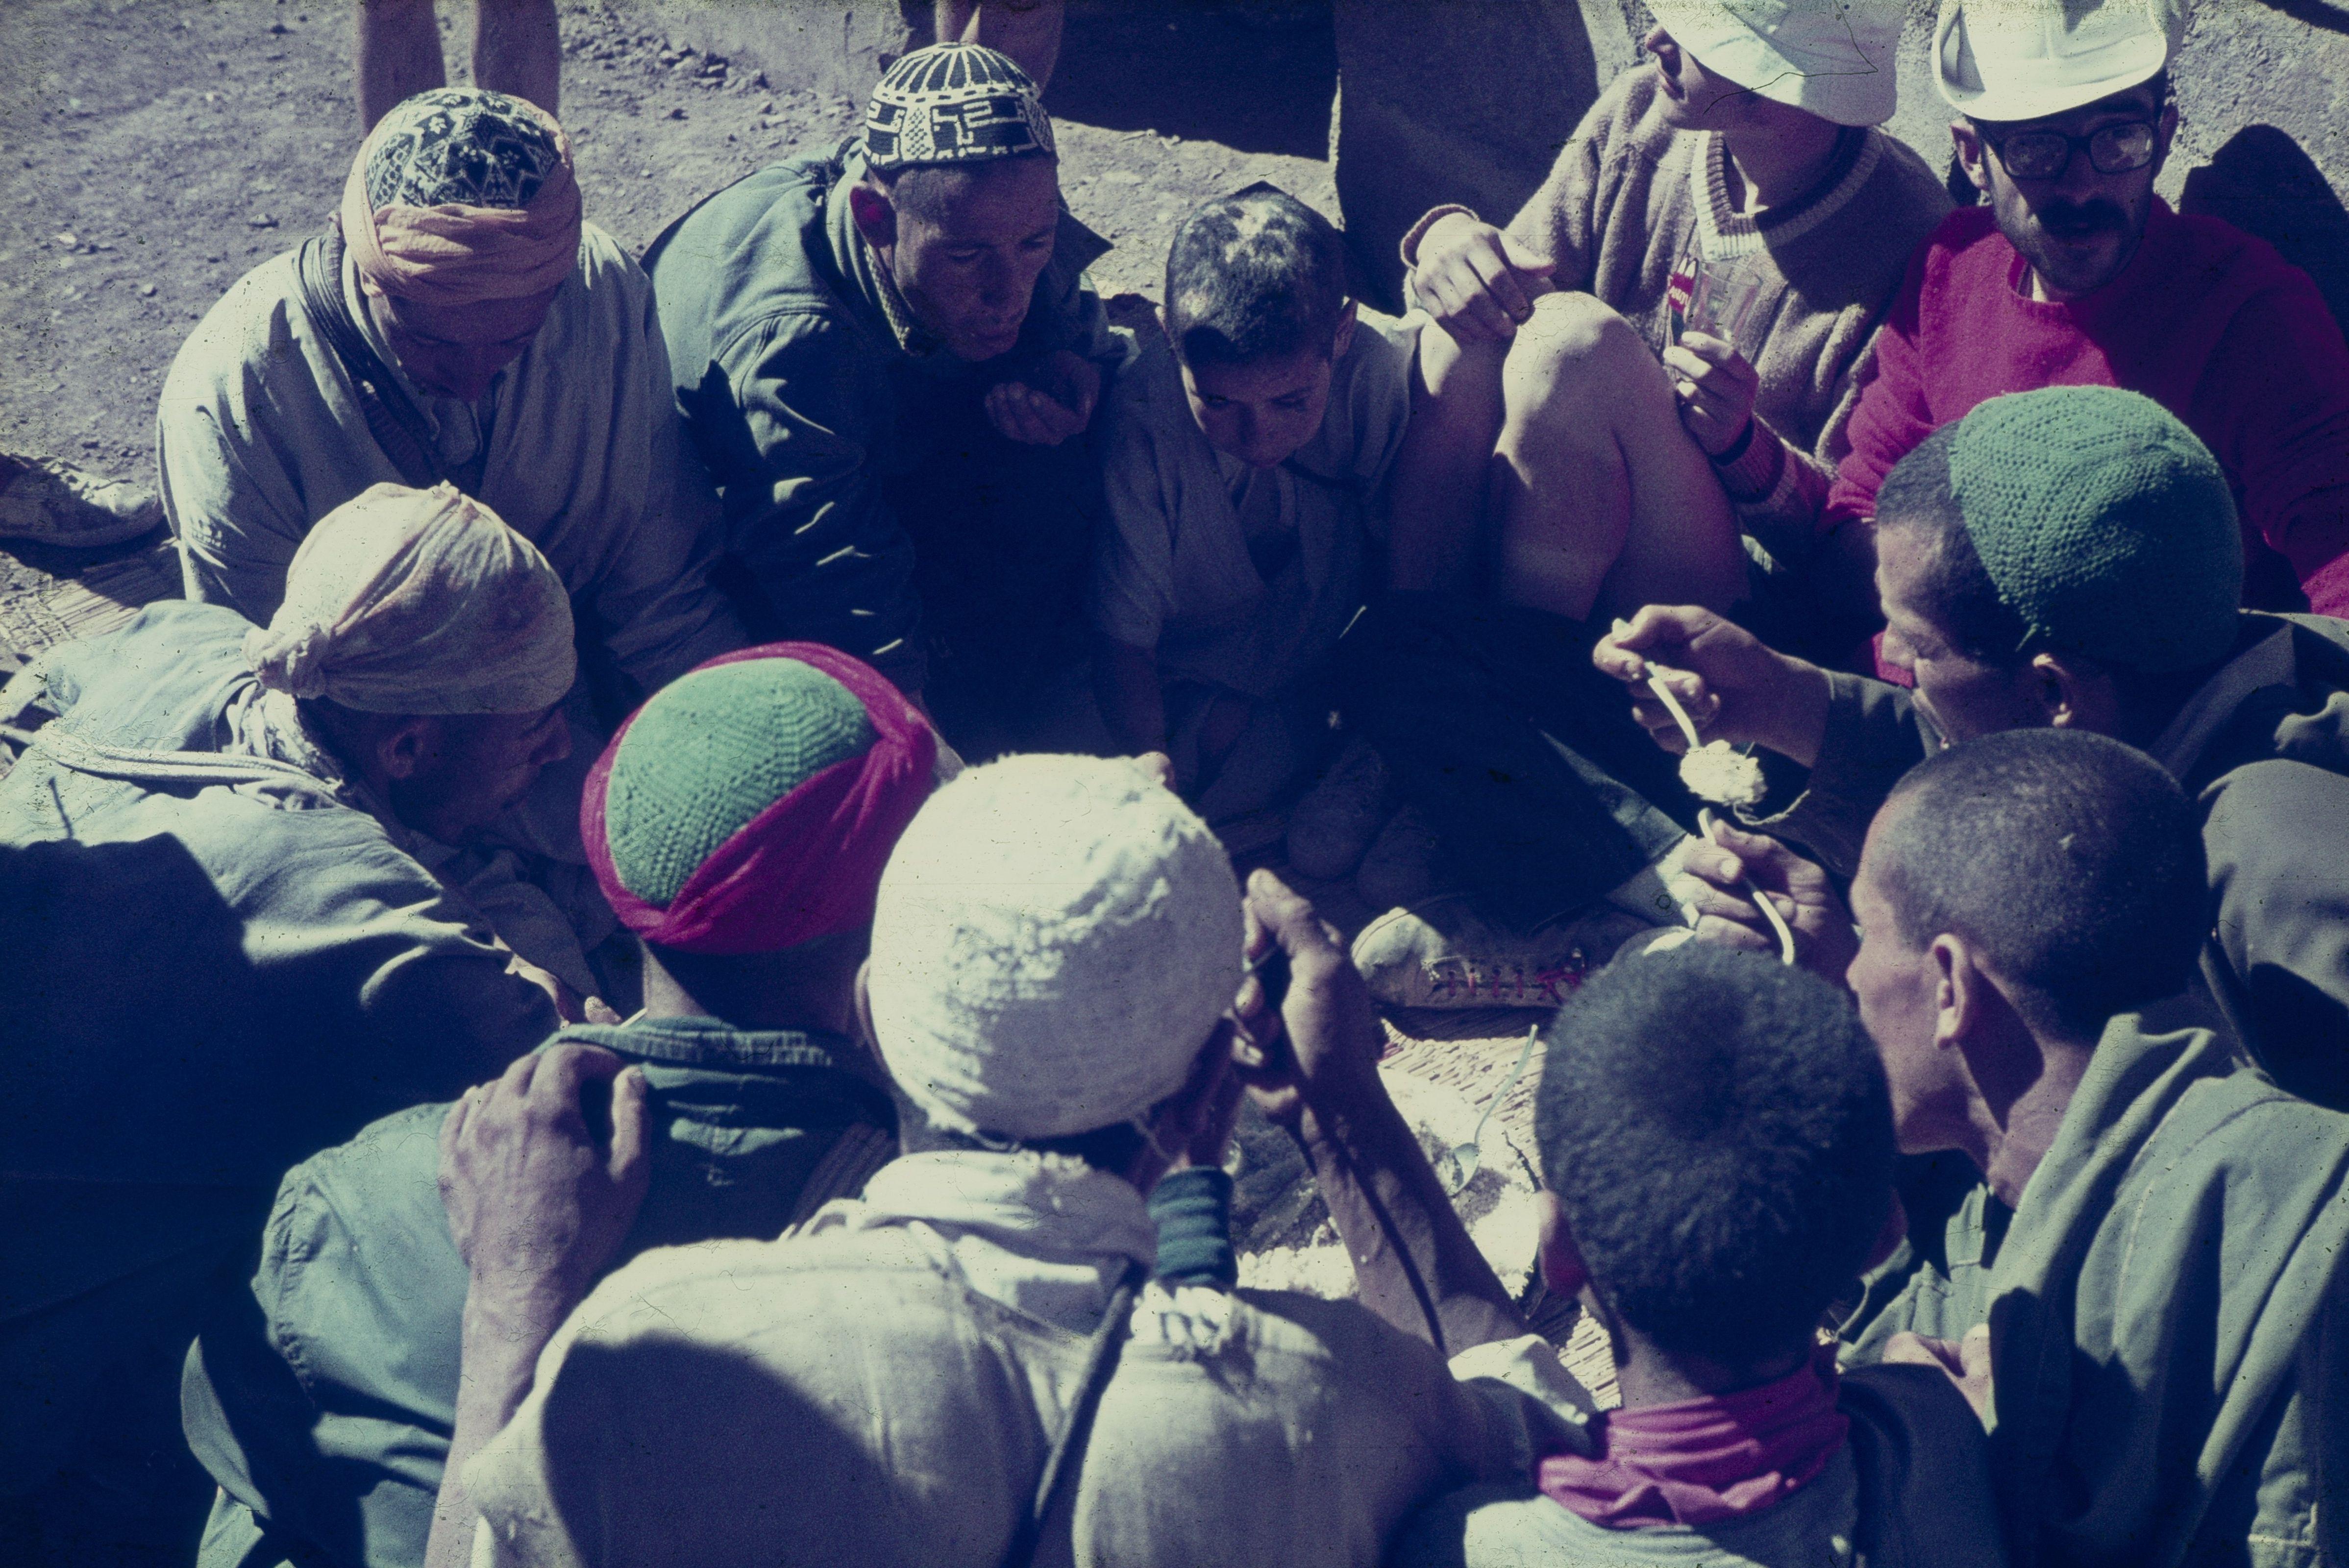 cuscús amb els portadors al poble de routbarak